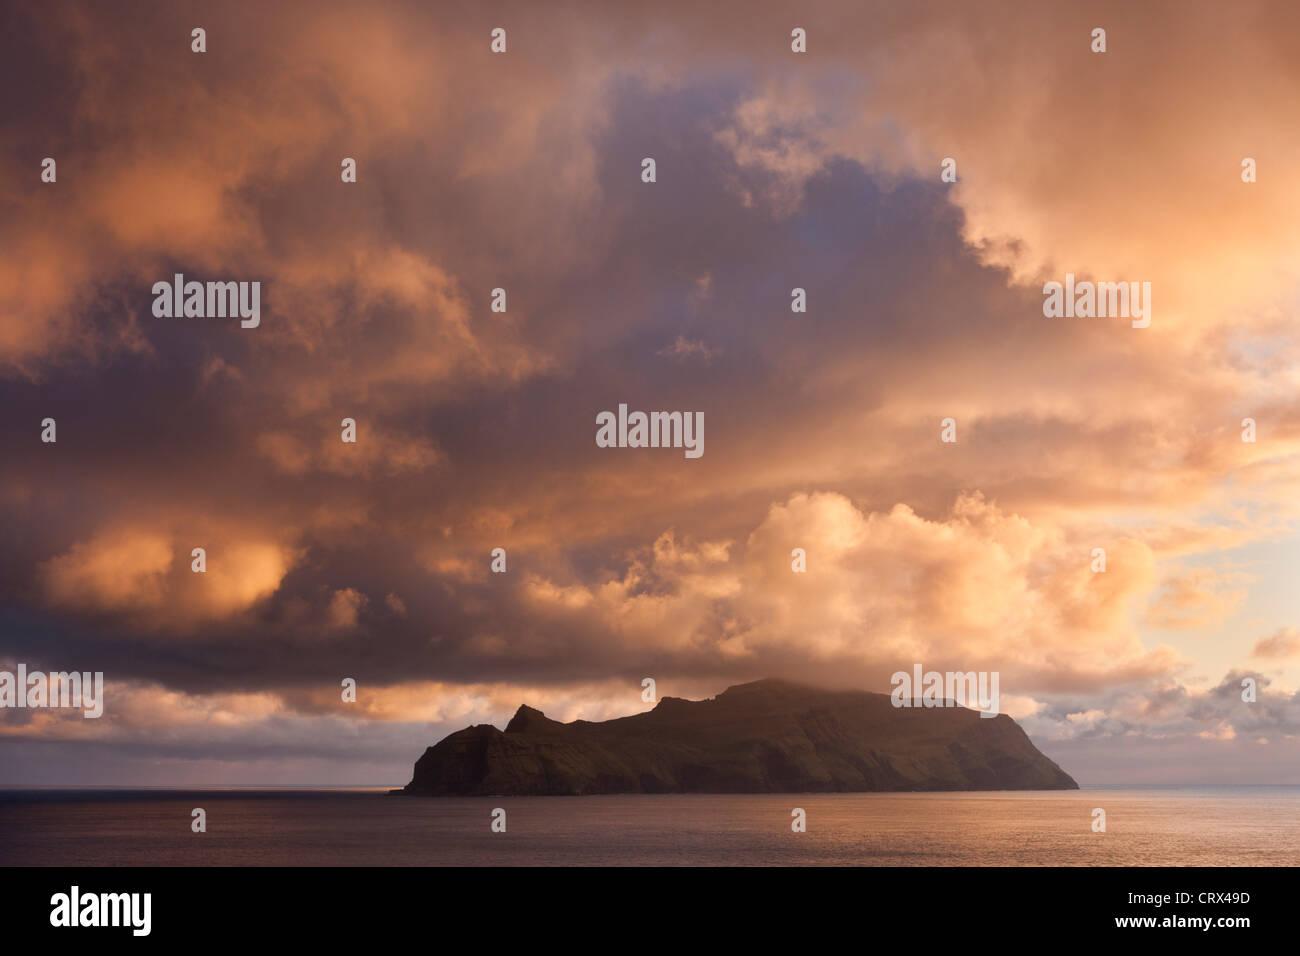 Spektakulärer Sonnenuntergang Himmel über der Insel Mykines, Färöer. Frühjahr 2012 (Mai).Stockfoto